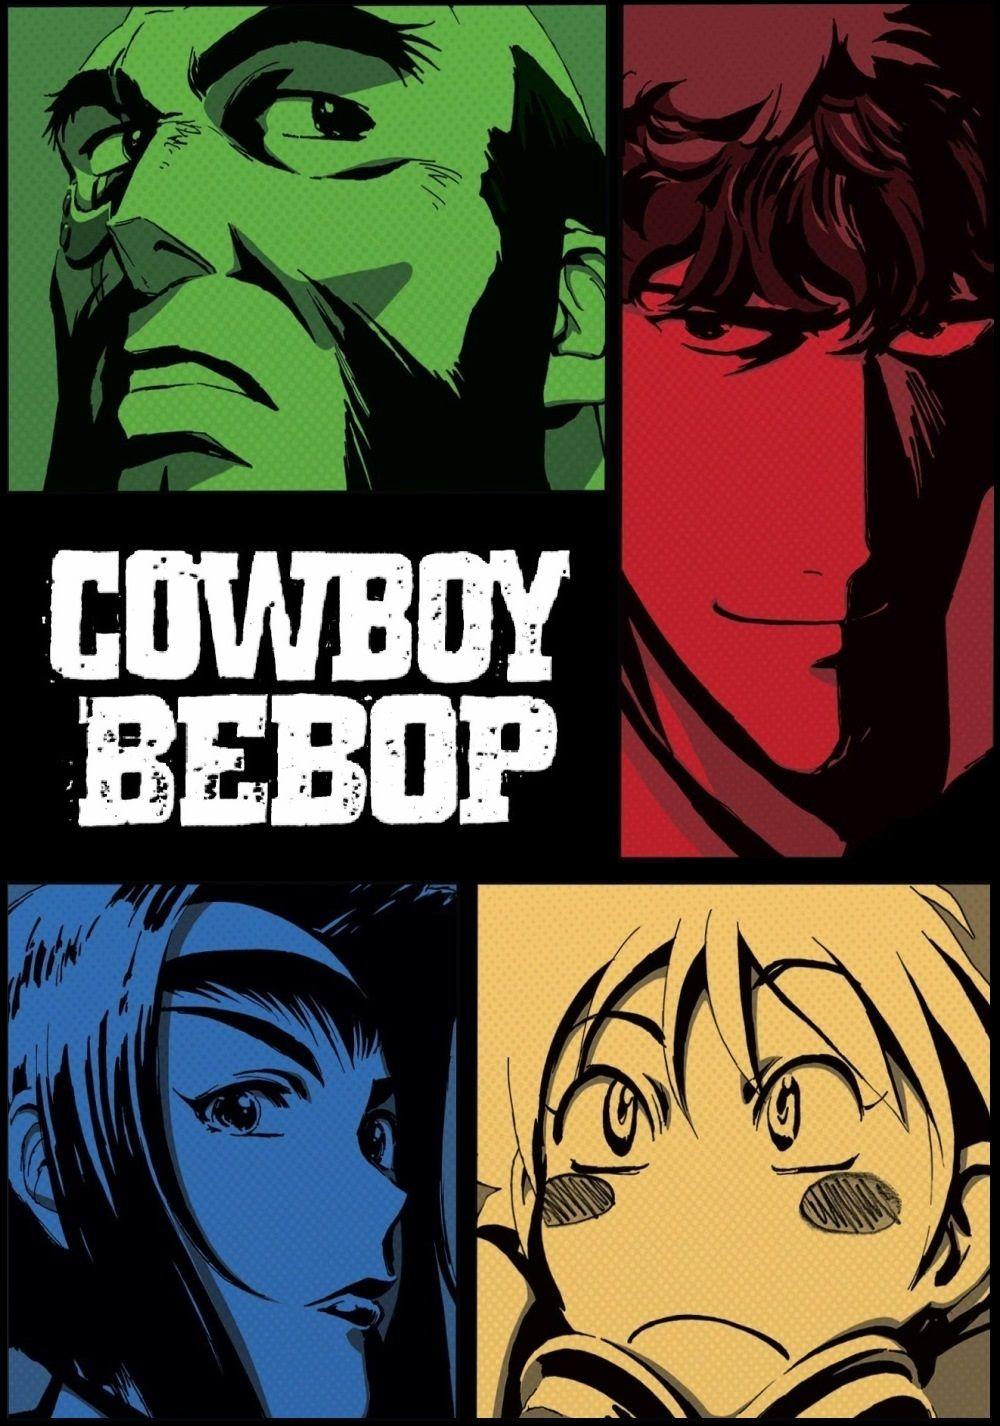 Serialità limitata e commistione di generi: Cowboy Bebop